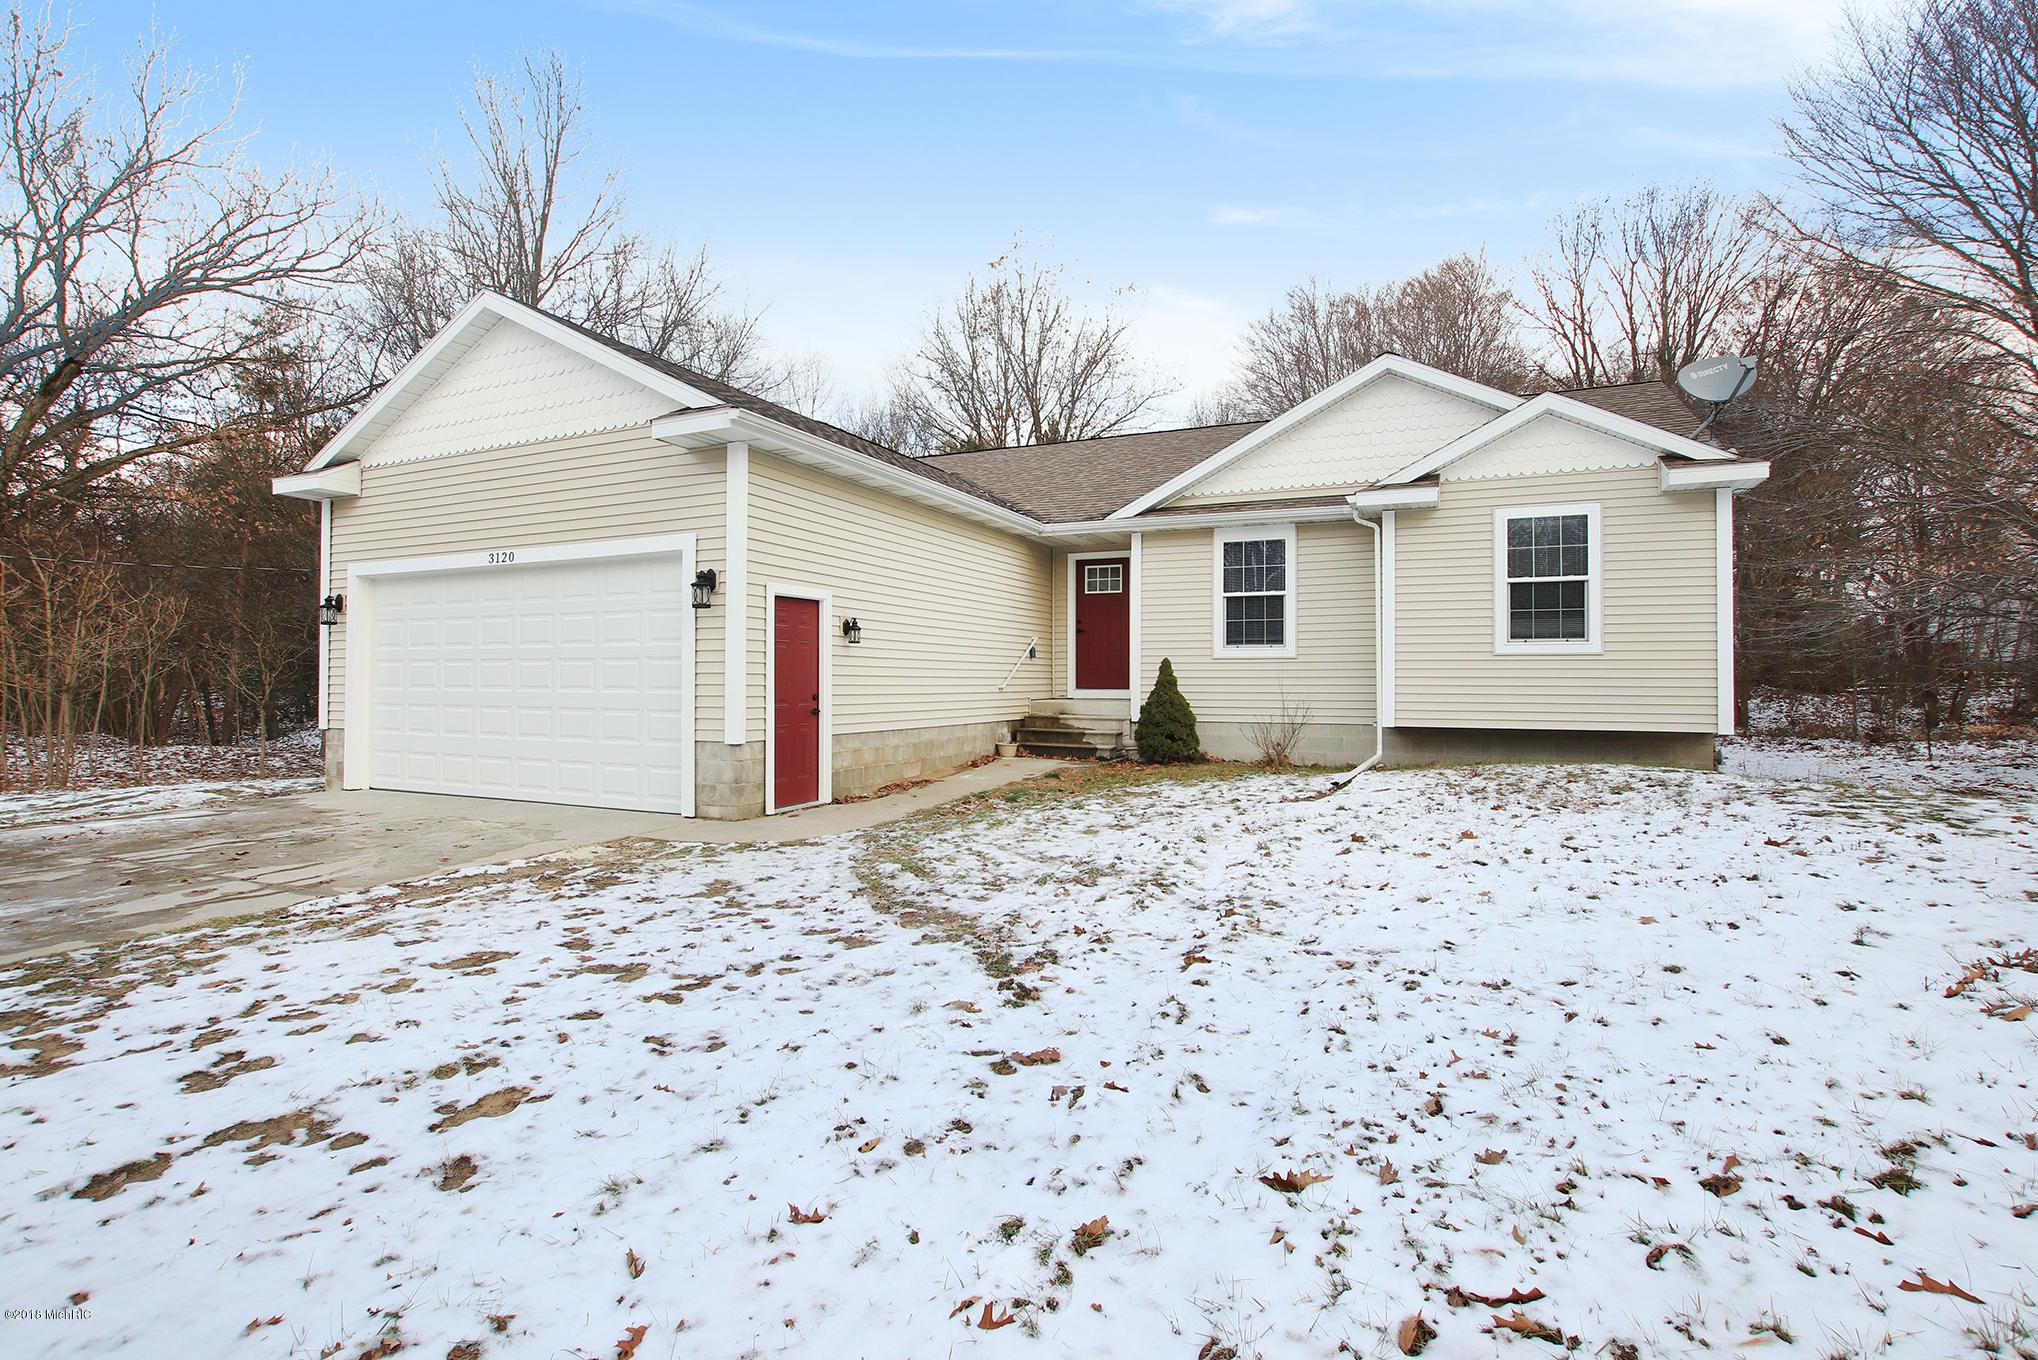 3120 Dangl Court, Fruitport, Michigan 49415, 3 Bedrooms Bedrooms, ,3 BathroomsBathrooms,Residential,For Sale,Dangl,18057973